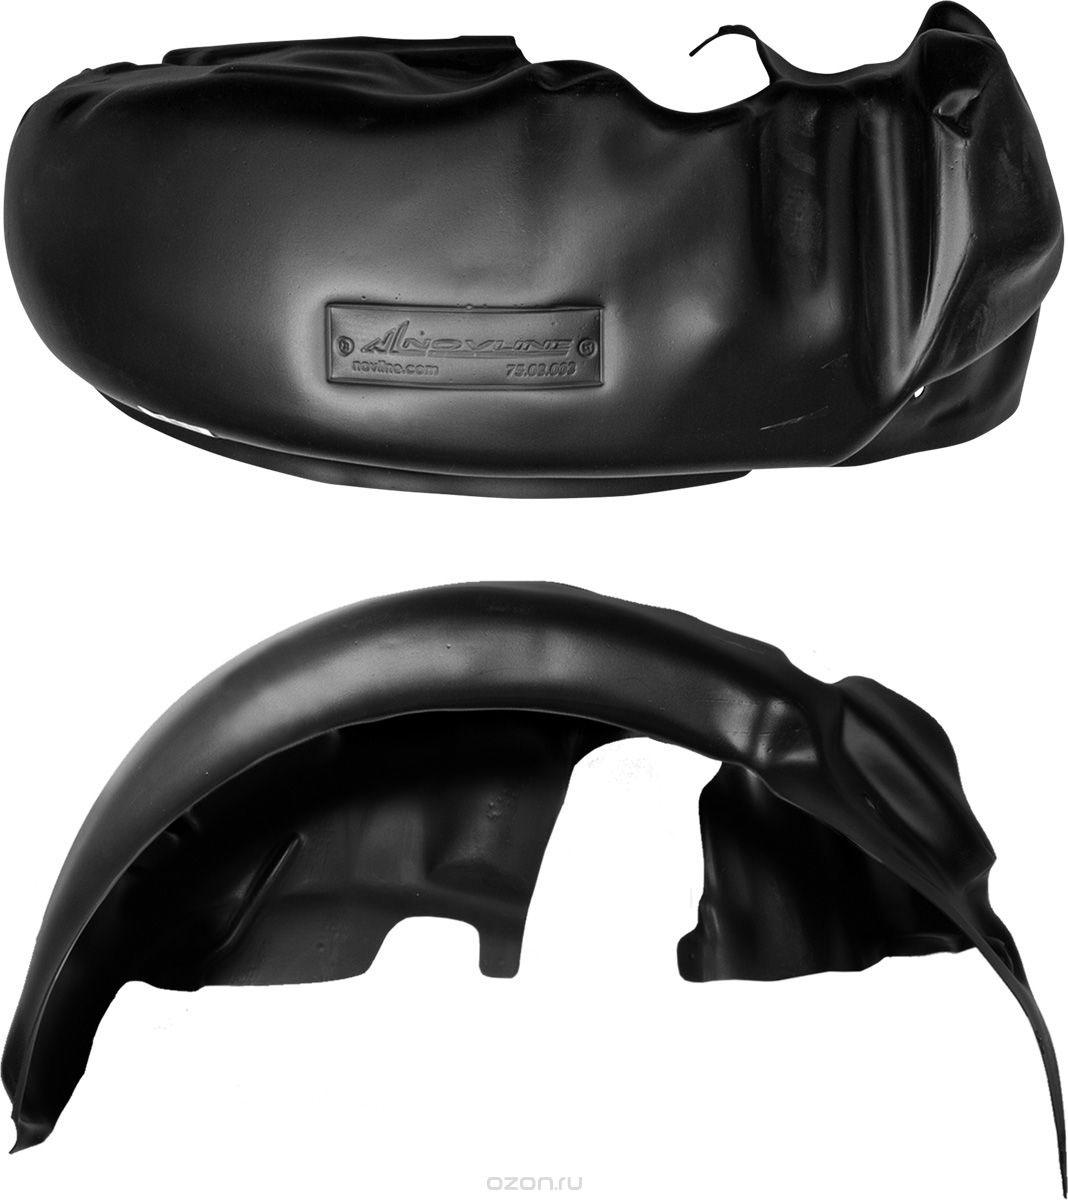 Подкрылок Novline-Autofamily, для Toyota LC200, 11/2007-2011, 2012-2015, 2015->, внедорожник, задний левыйNLL.48.63.003Идеальная защита колесной ниши. Локеры разработаны с применением цифровых технологий, гарантируют максимальную повторяемость поверхности арки. Изделия устанавливаются без нарушения лакокрасочного покрытия автомобиля, каждый подкрылок комплектуется крепежом. Уважаемые клиенты, обращаем ваше внимание, что фотографии на подкрылки универсальные и не отражают реальную форму изделия. При этом само изделие идет точно под размер указанного автомобиля.